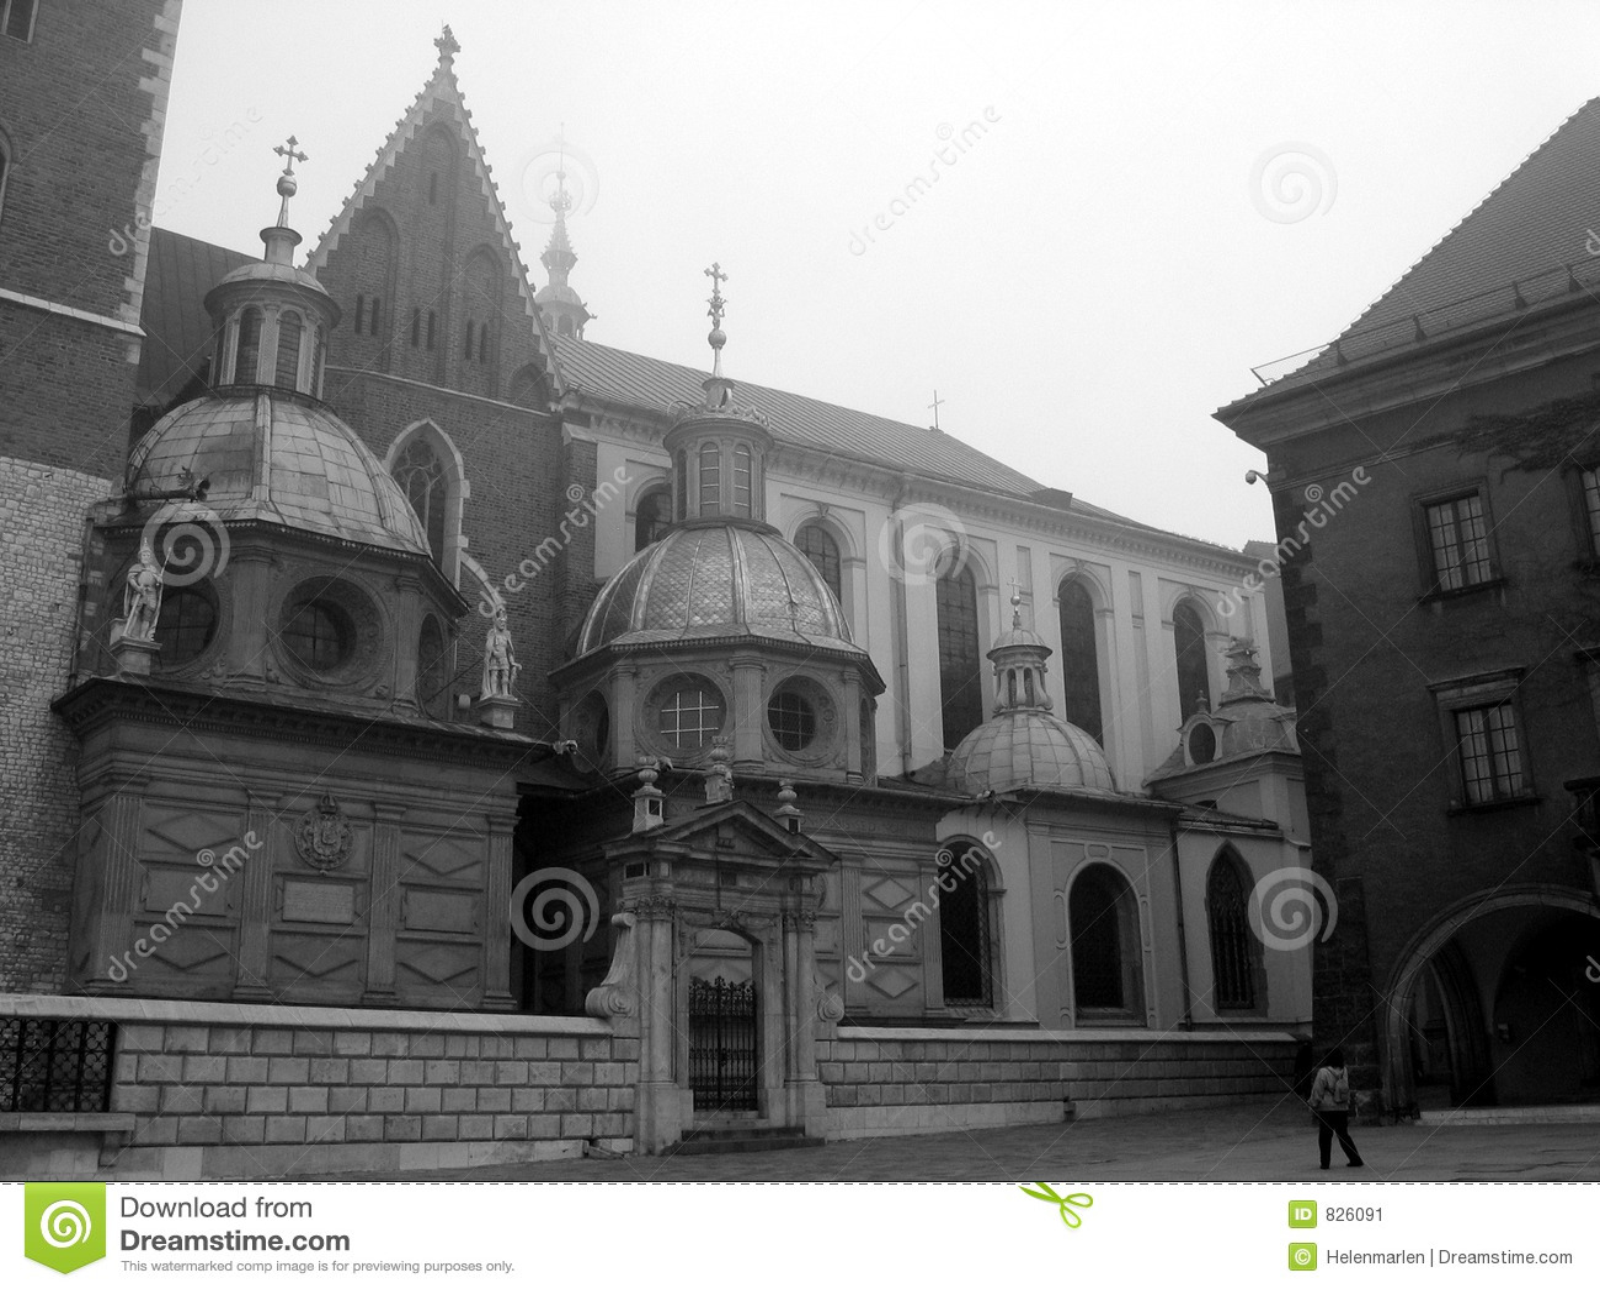 Poland Krakow Wawel Cathedral